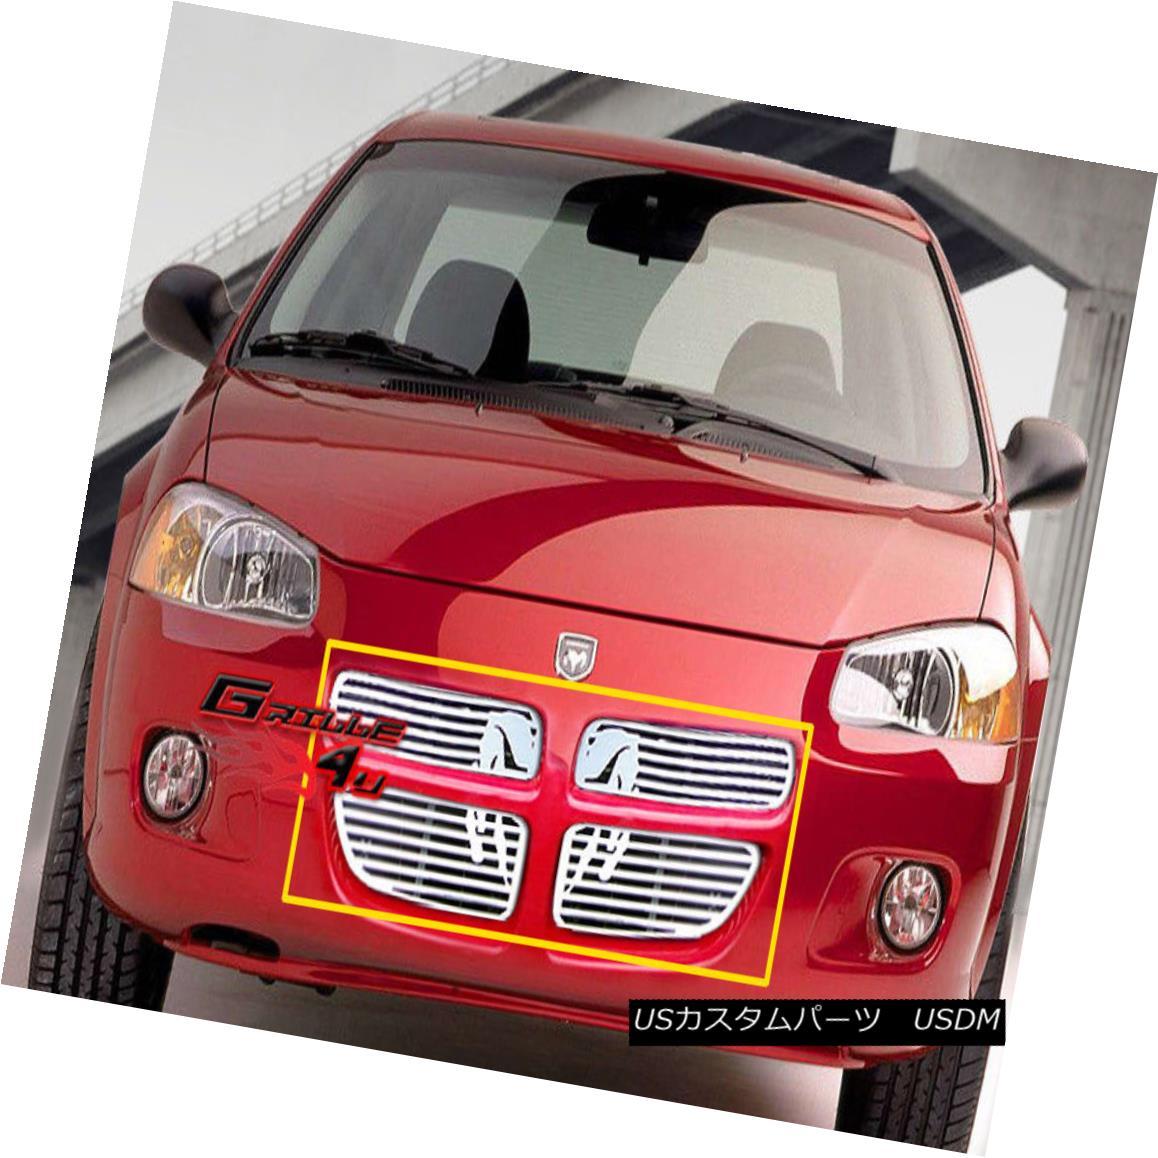 グリル For 01-03 Dodge Stratus Symbolic Grille Insert 01-03 Dodge Stratusシンボリックグリルインサート